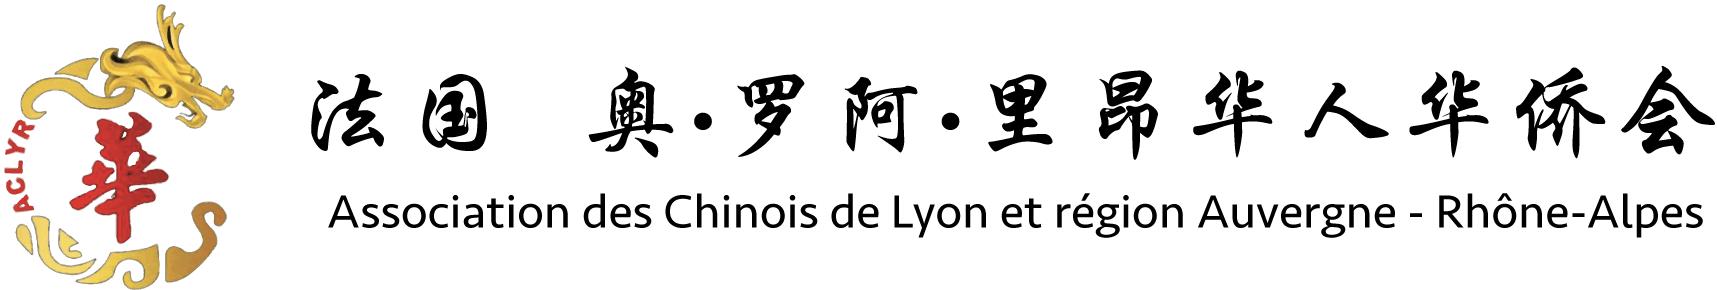 Associations des Chinois de Lyon et Région Auvergne - Rhône-Alpes